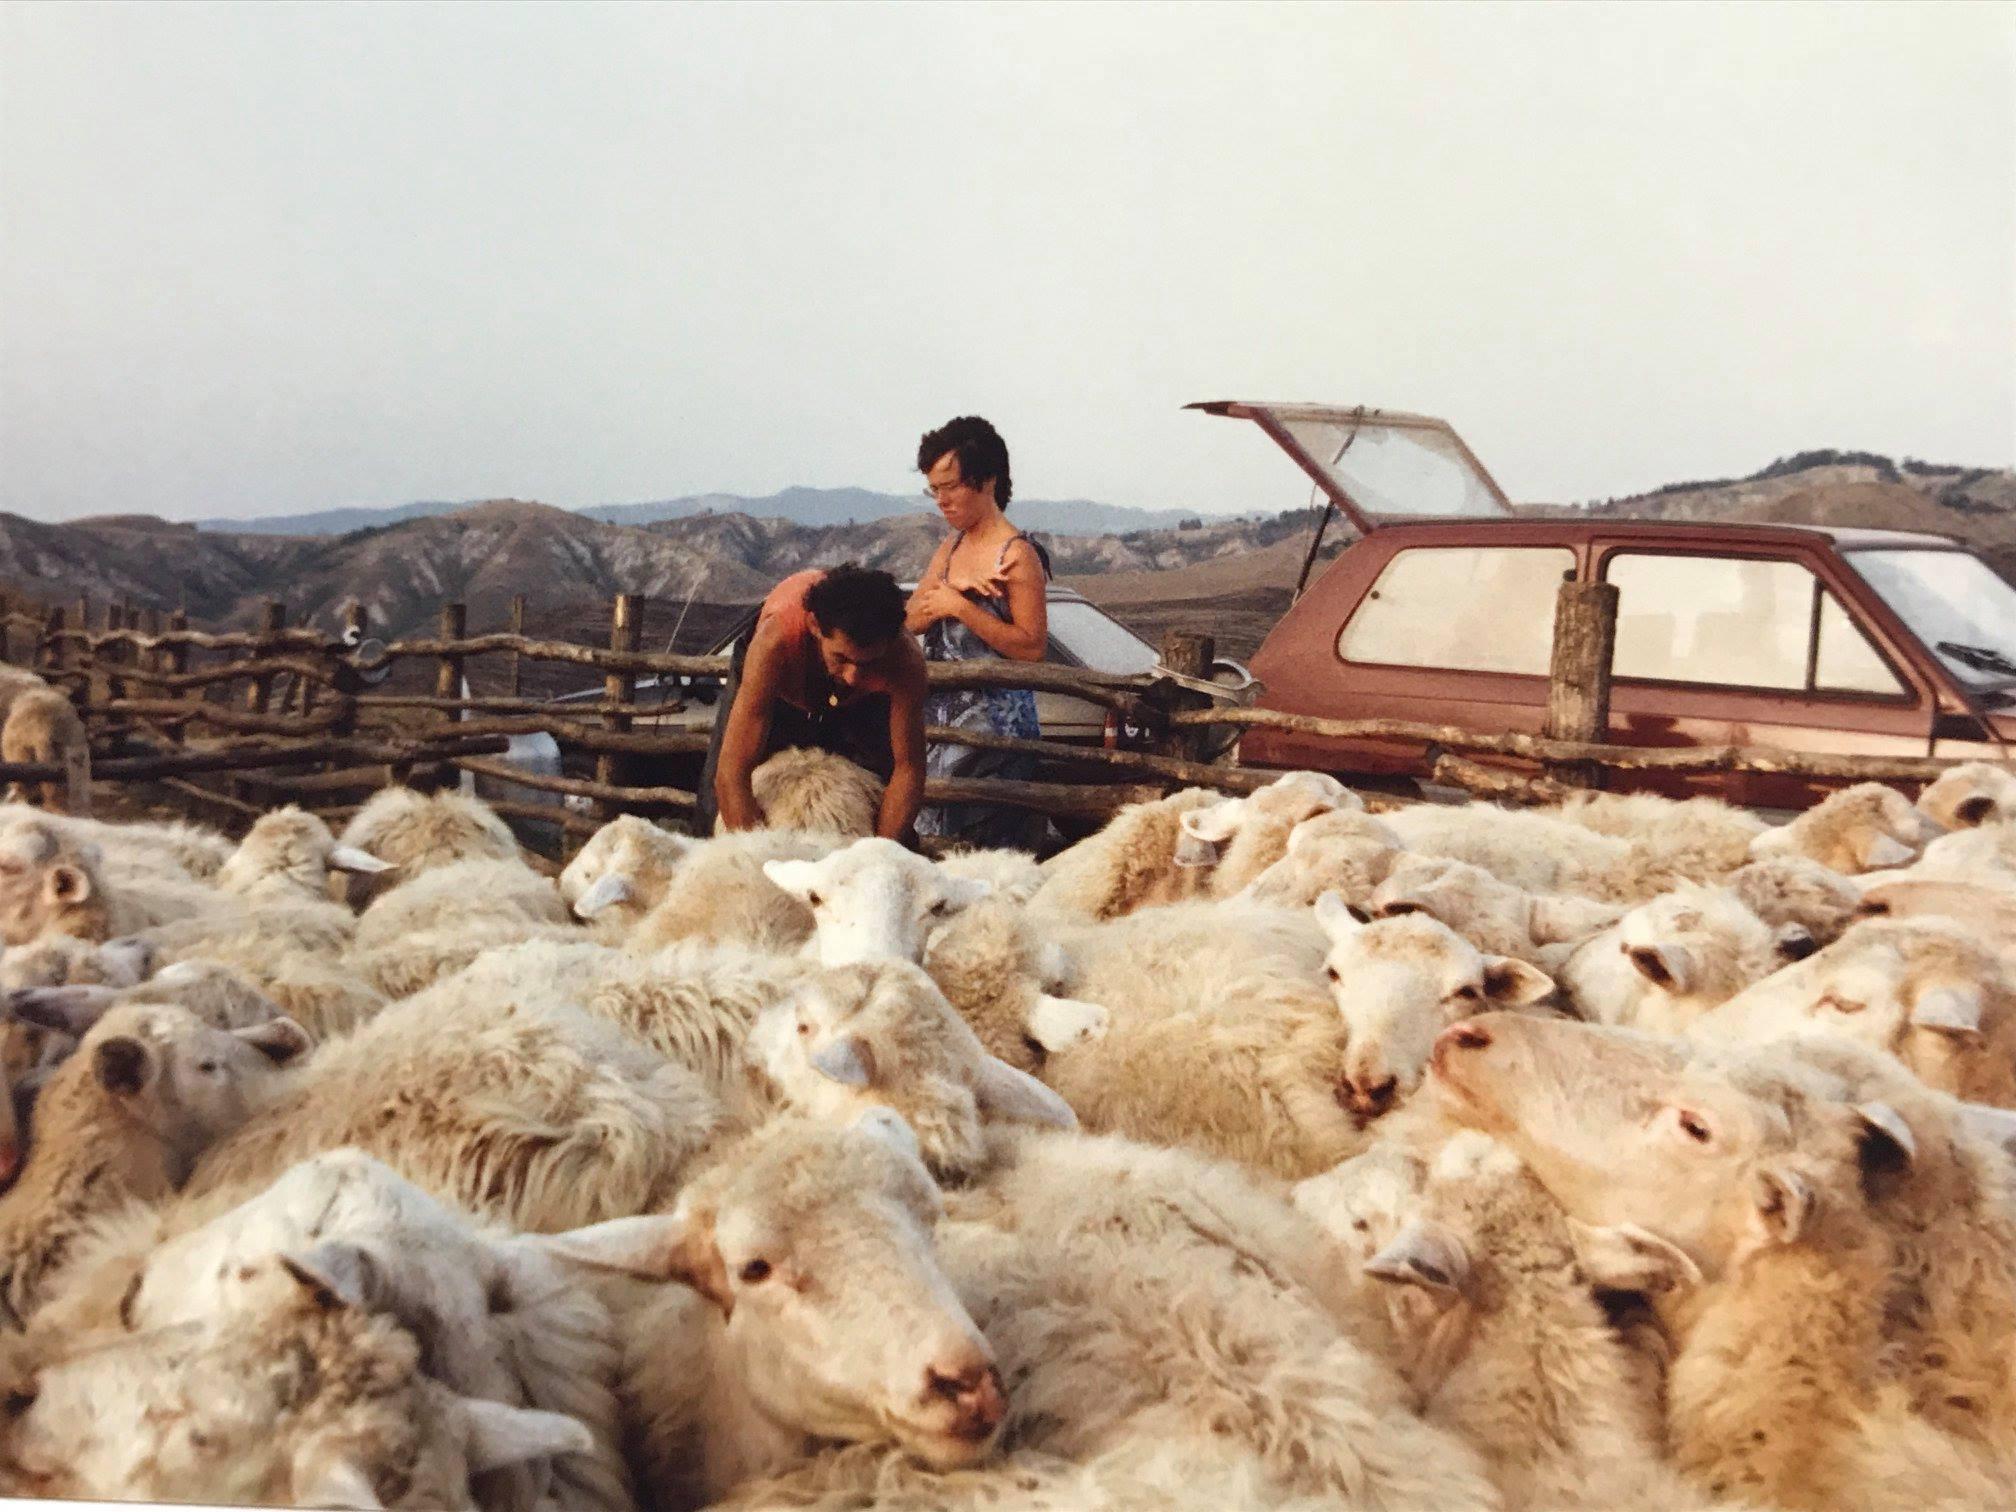 Allevamento semi-selvaggio delle pecore